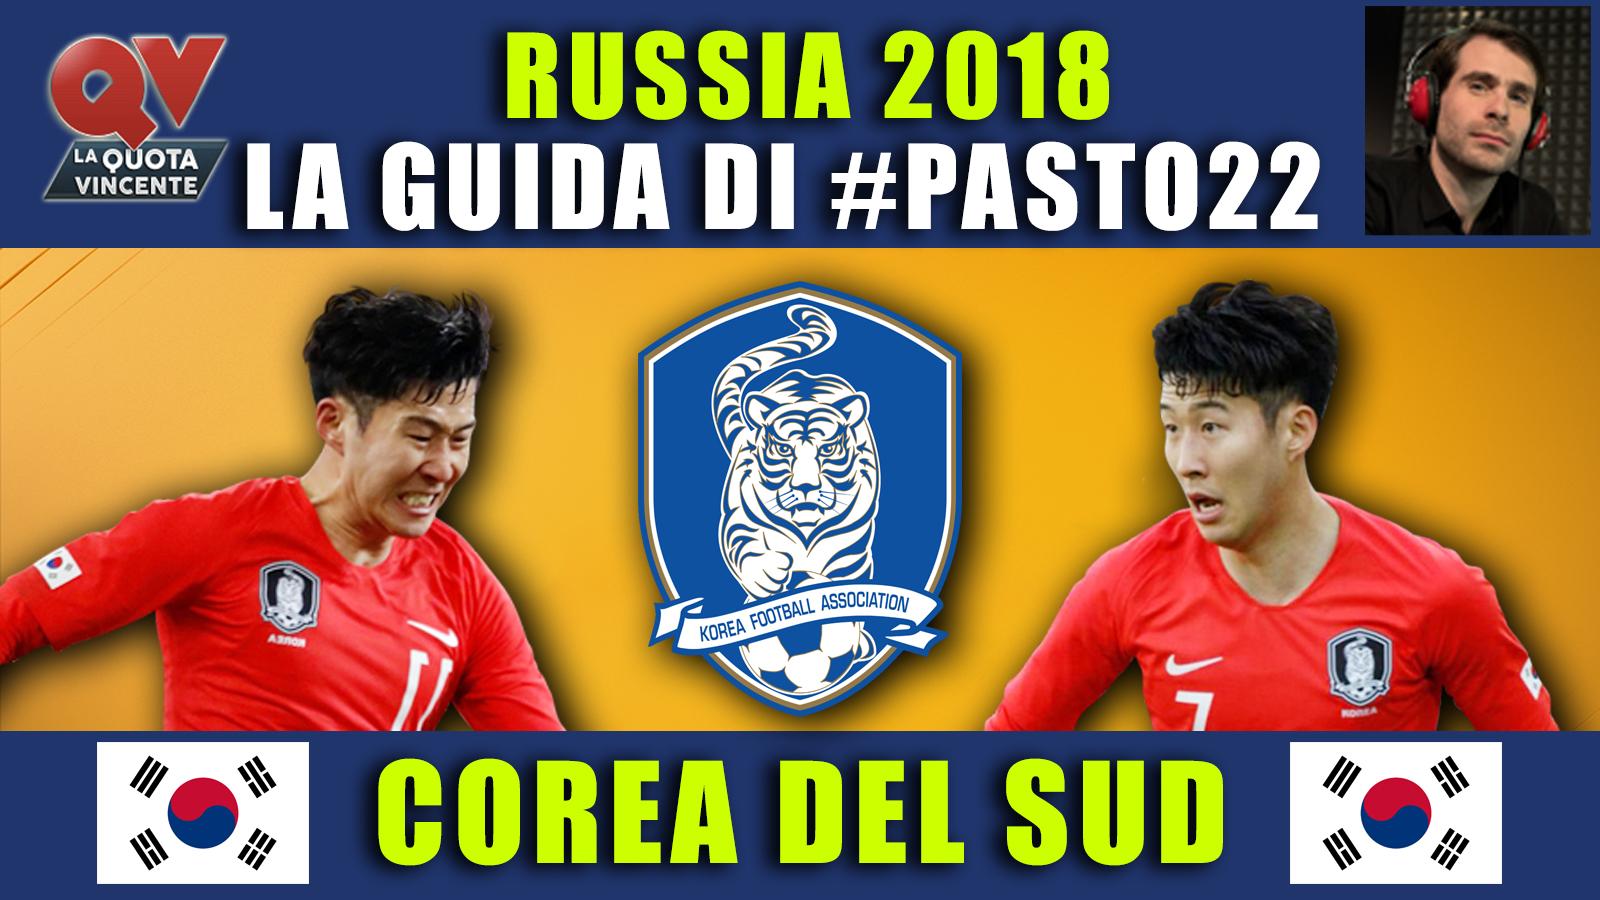 Guida Mondiali Russia 2018 Corea del Sud: convocati, quote, calendario, news